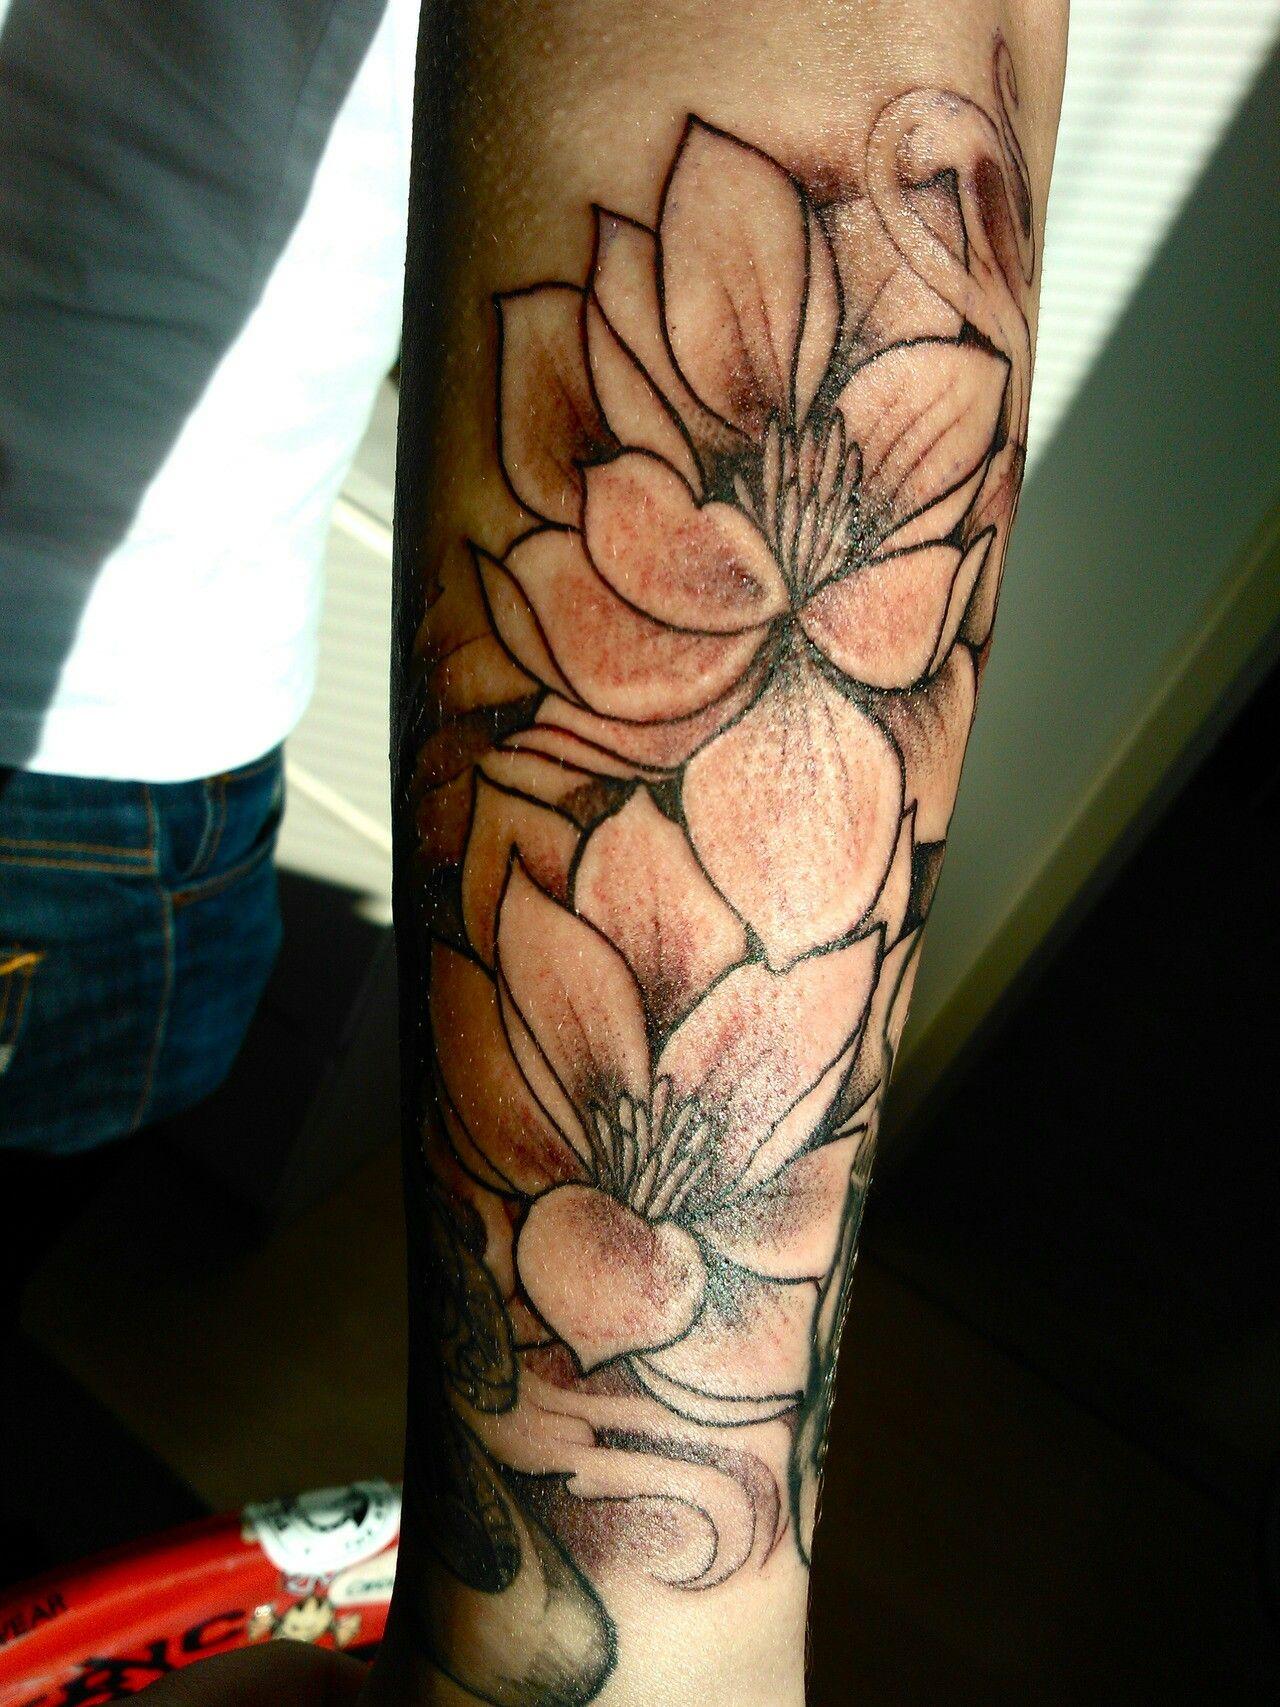 Pin By Marcin On Tat Pinterest Tattoo Hawaiian Tattoo And